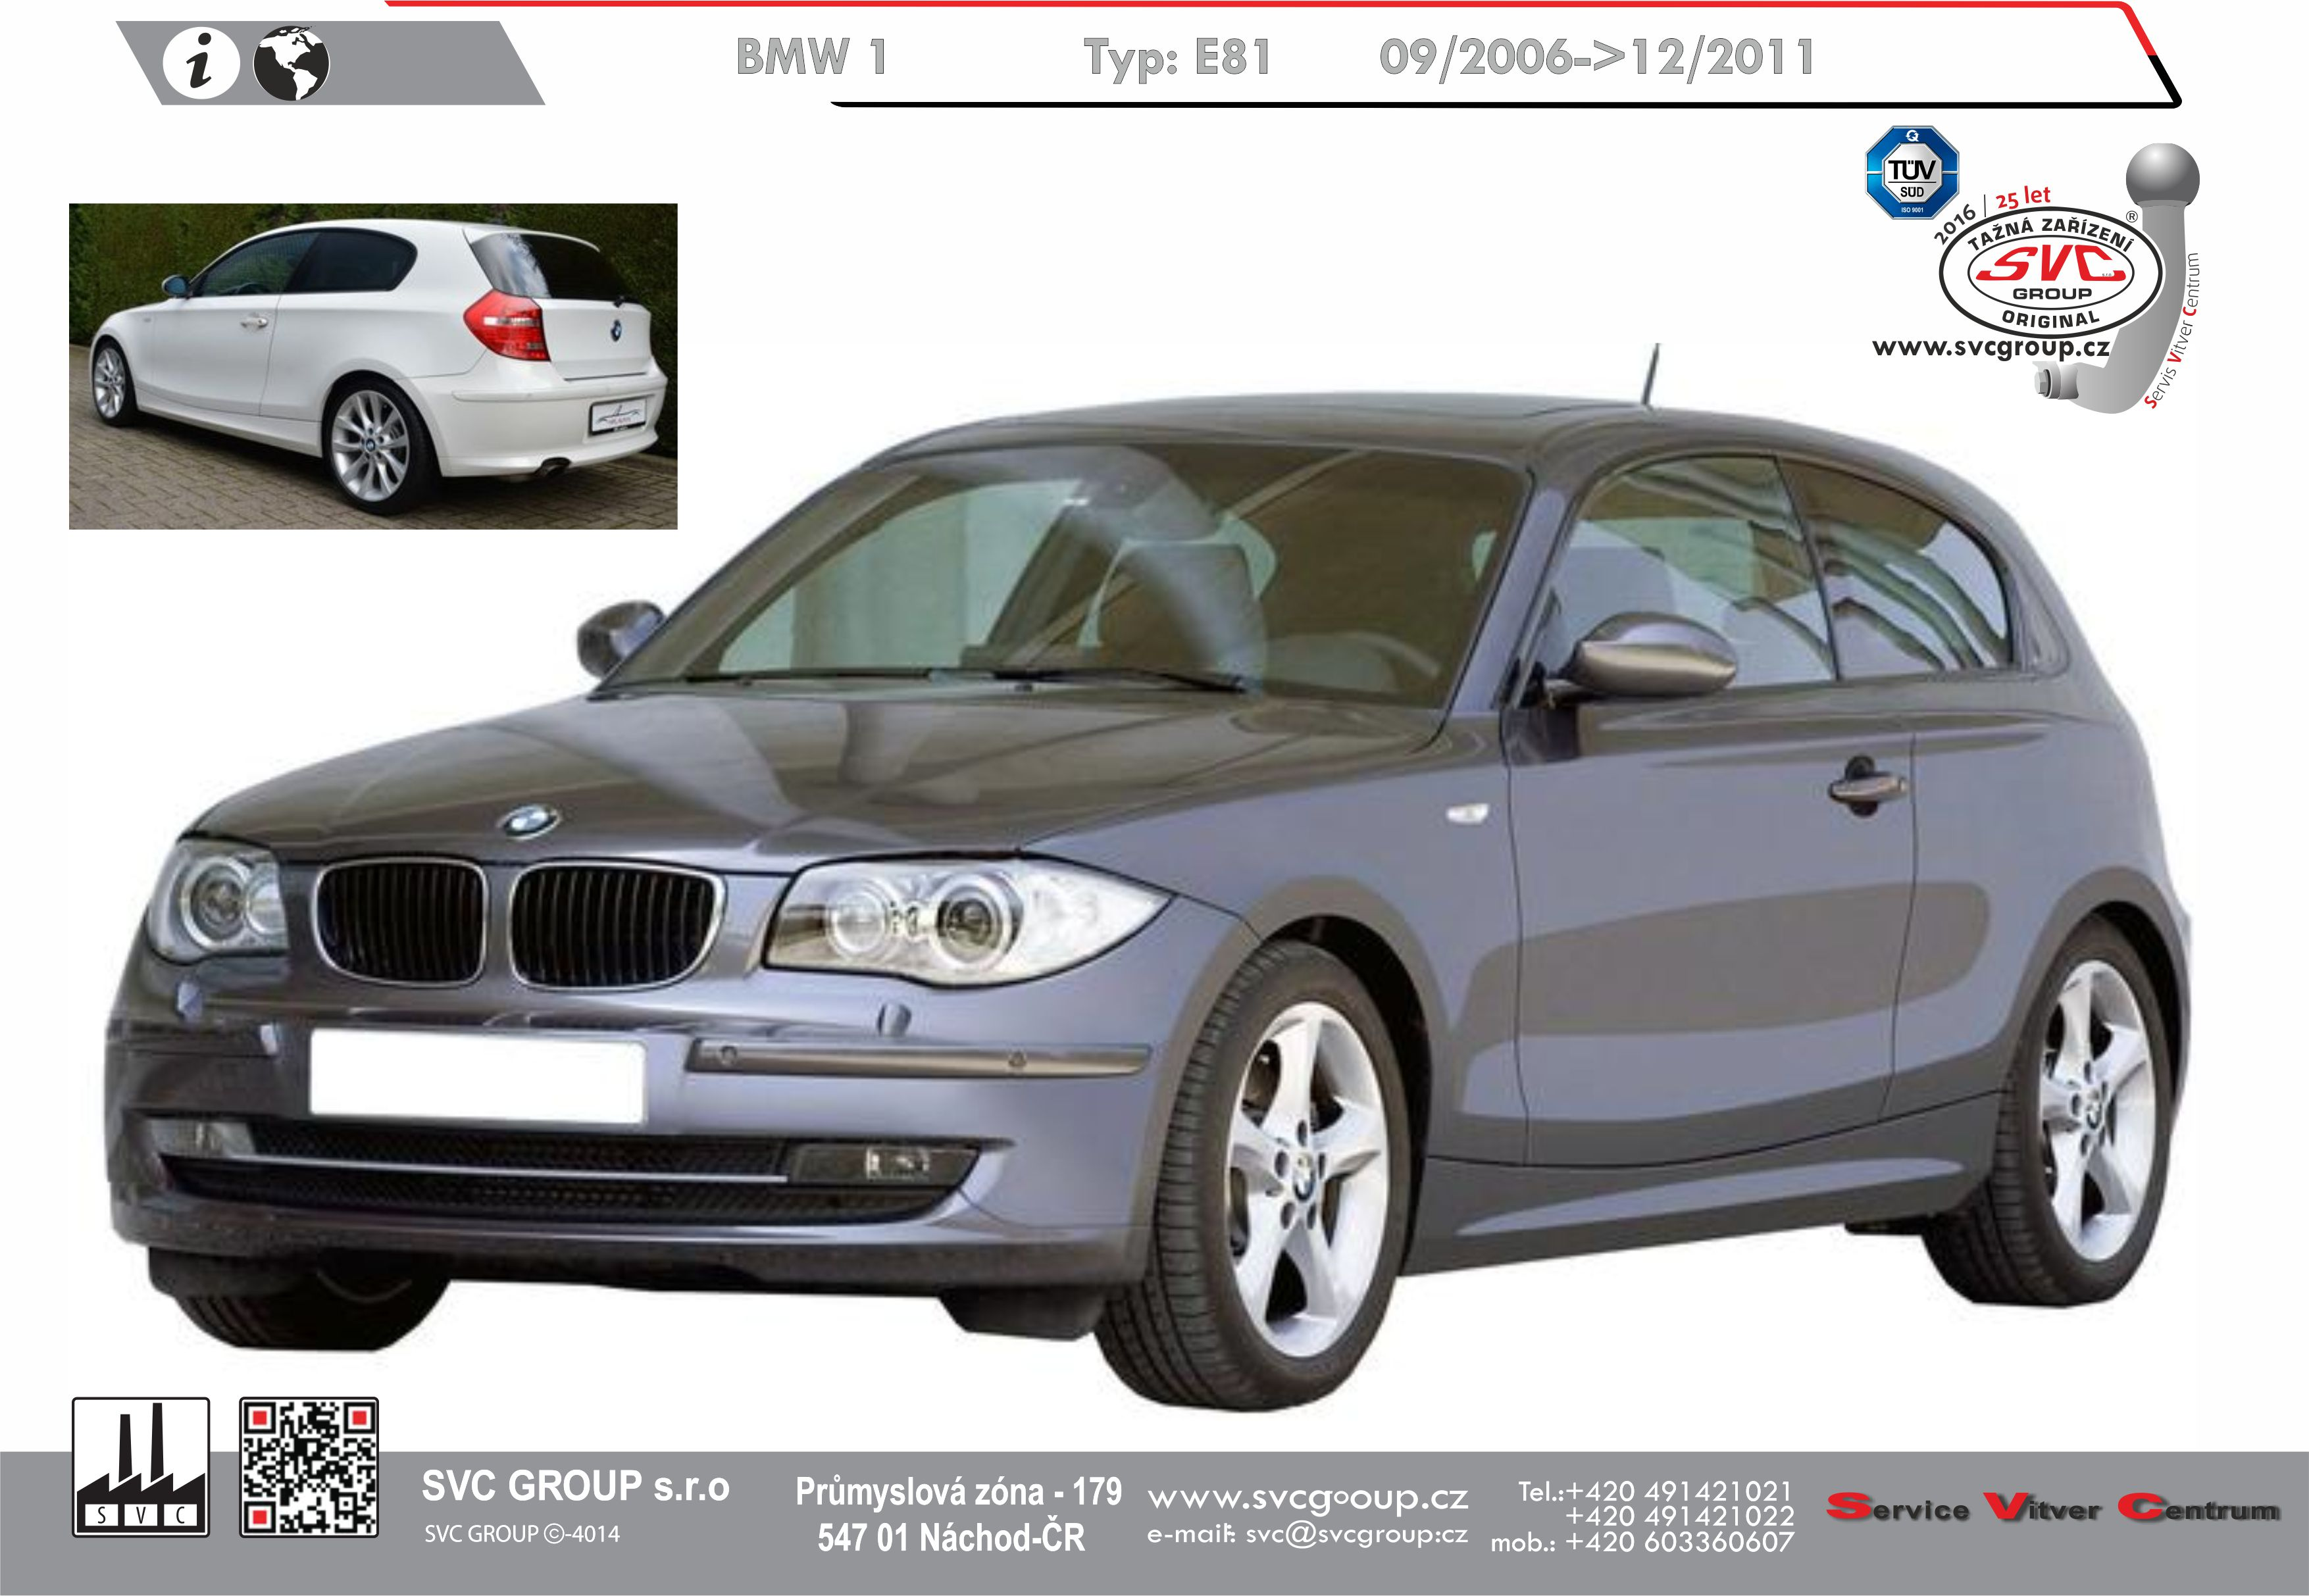 BMW 1 Série Hatchback 3-dveře